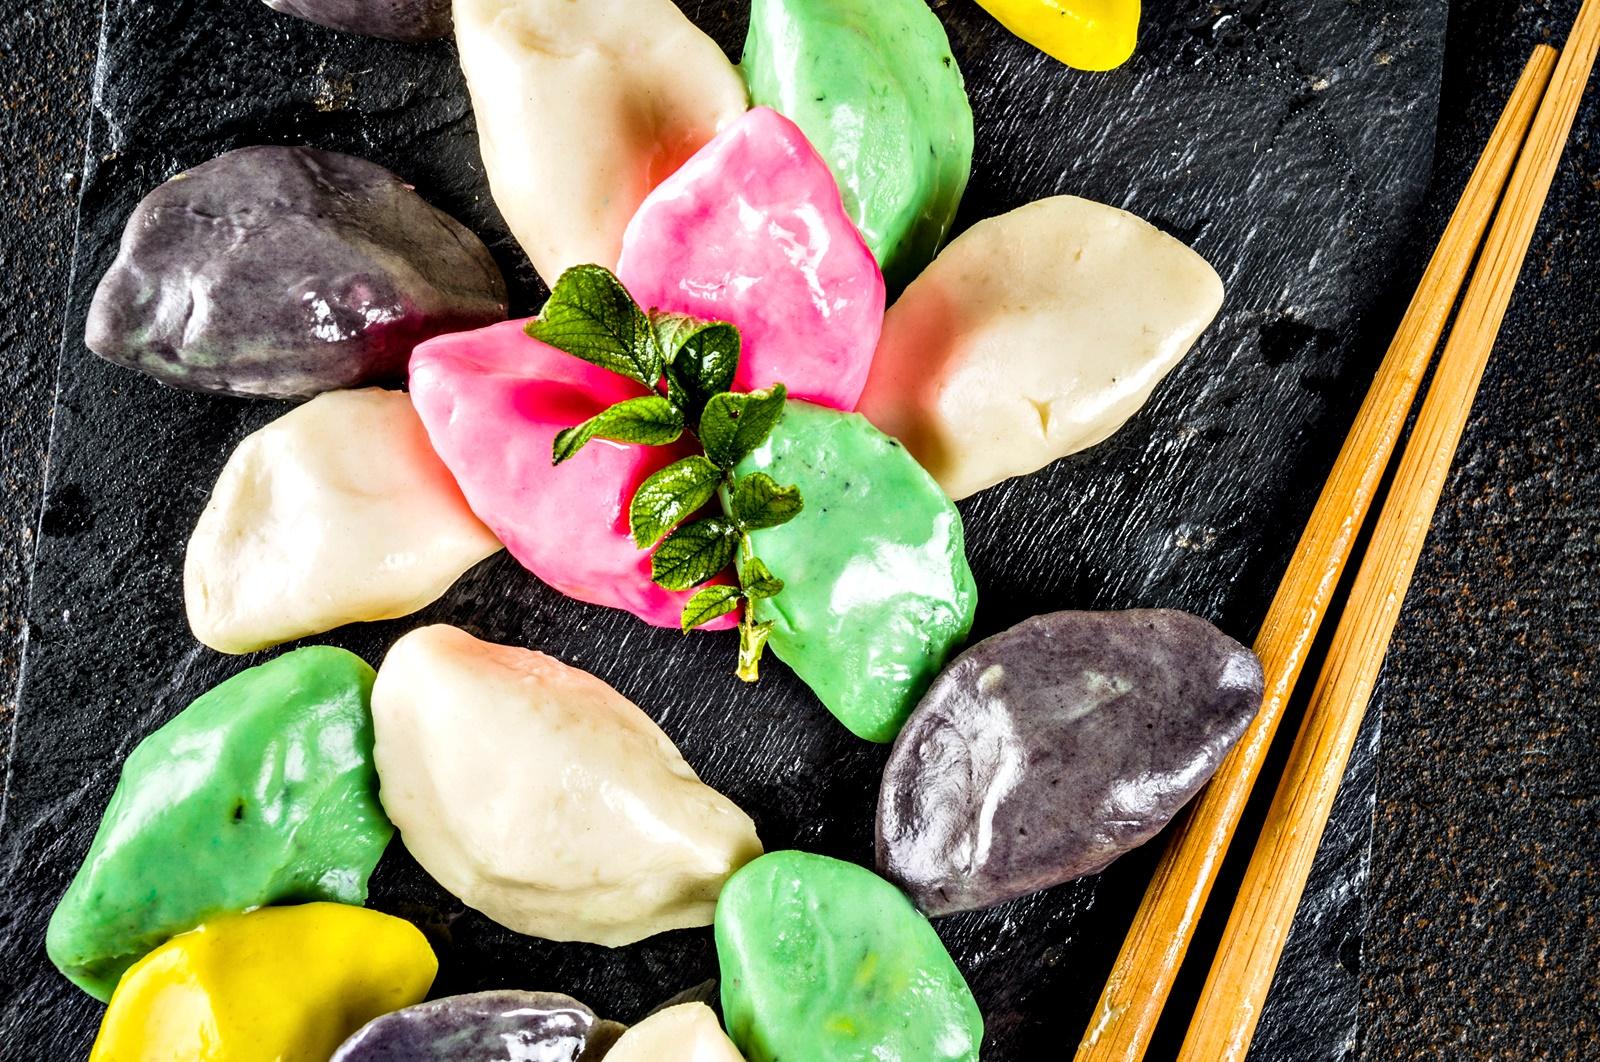 В Южна Корея празникът носи името Чусок,познат е и като Хангауи. Той е е важен фестивал на жътвата и се отбелязва по същото време, по което и Фестивала на жътвата в Китай и Виетнам.<br /> На трапезата присъства традиционен оризов сладкиш – сонгпьон, които се приготвя по специфична корейска рецепта.